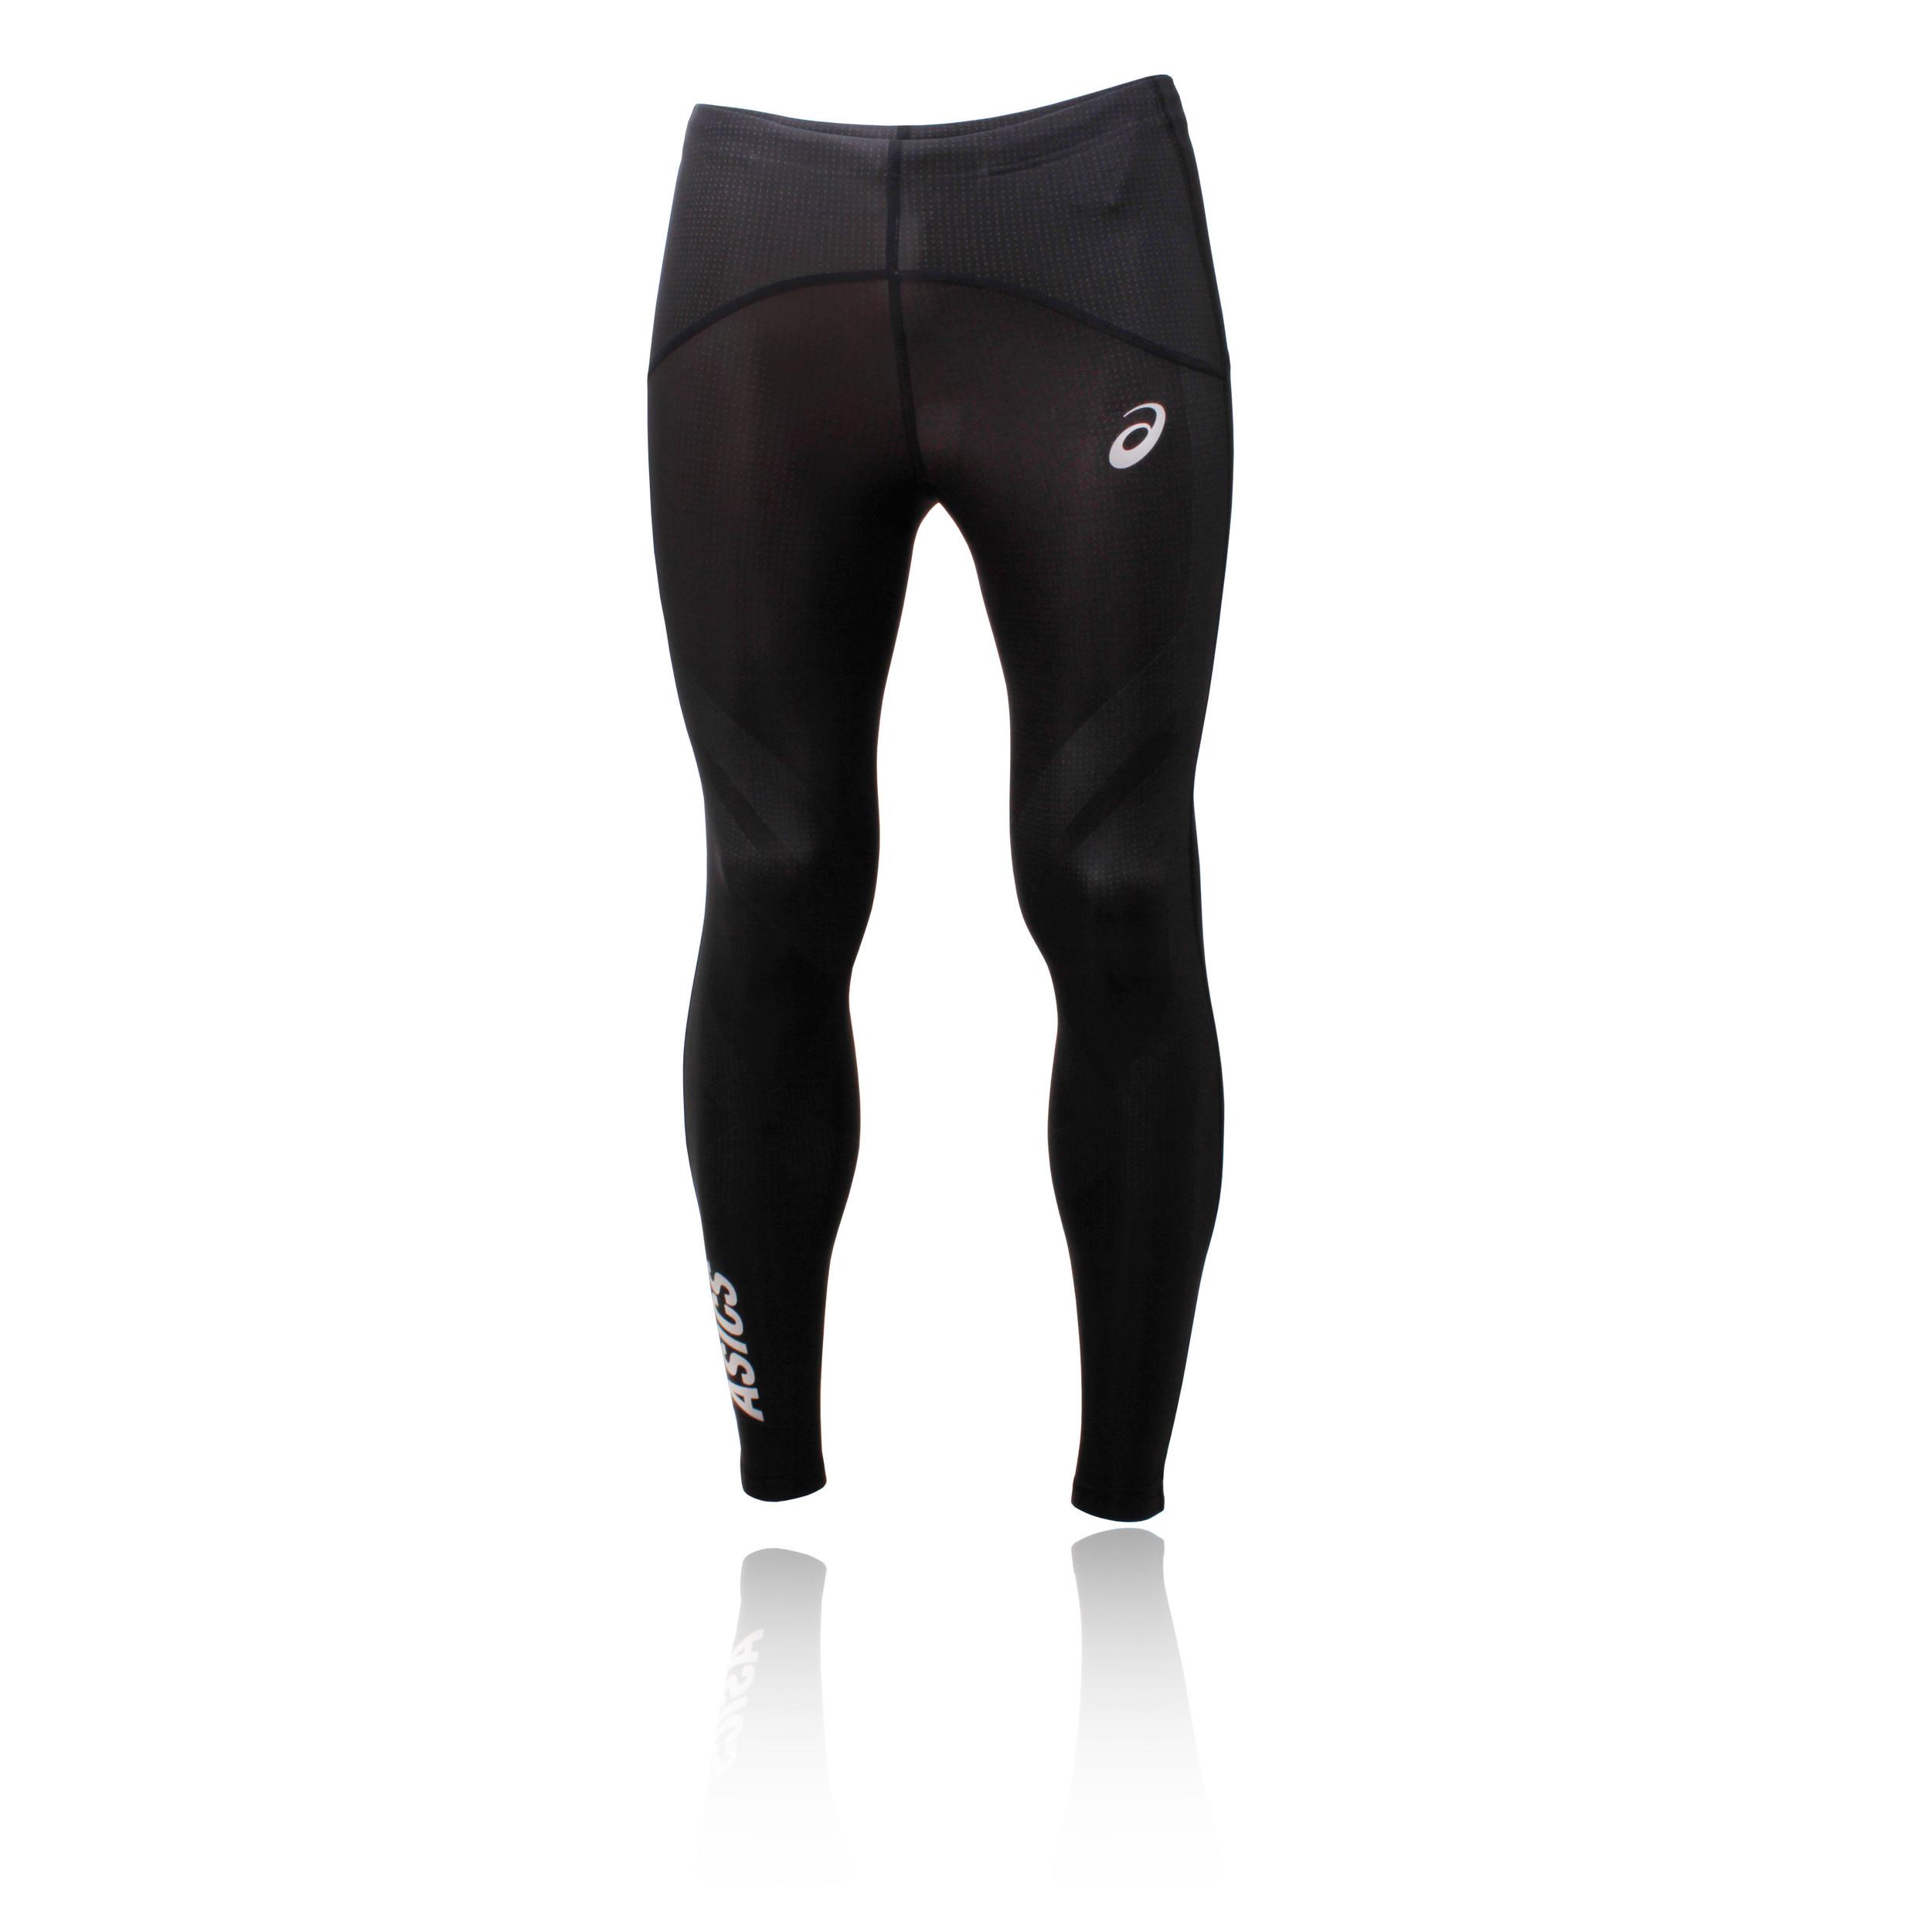 Vendita scontata 2019 gamma esclusiva scarpe da skate Dettagli su Asics Finish Advantage Uomo Nero Compressione Corsa Collant  Lungo Pantaloni